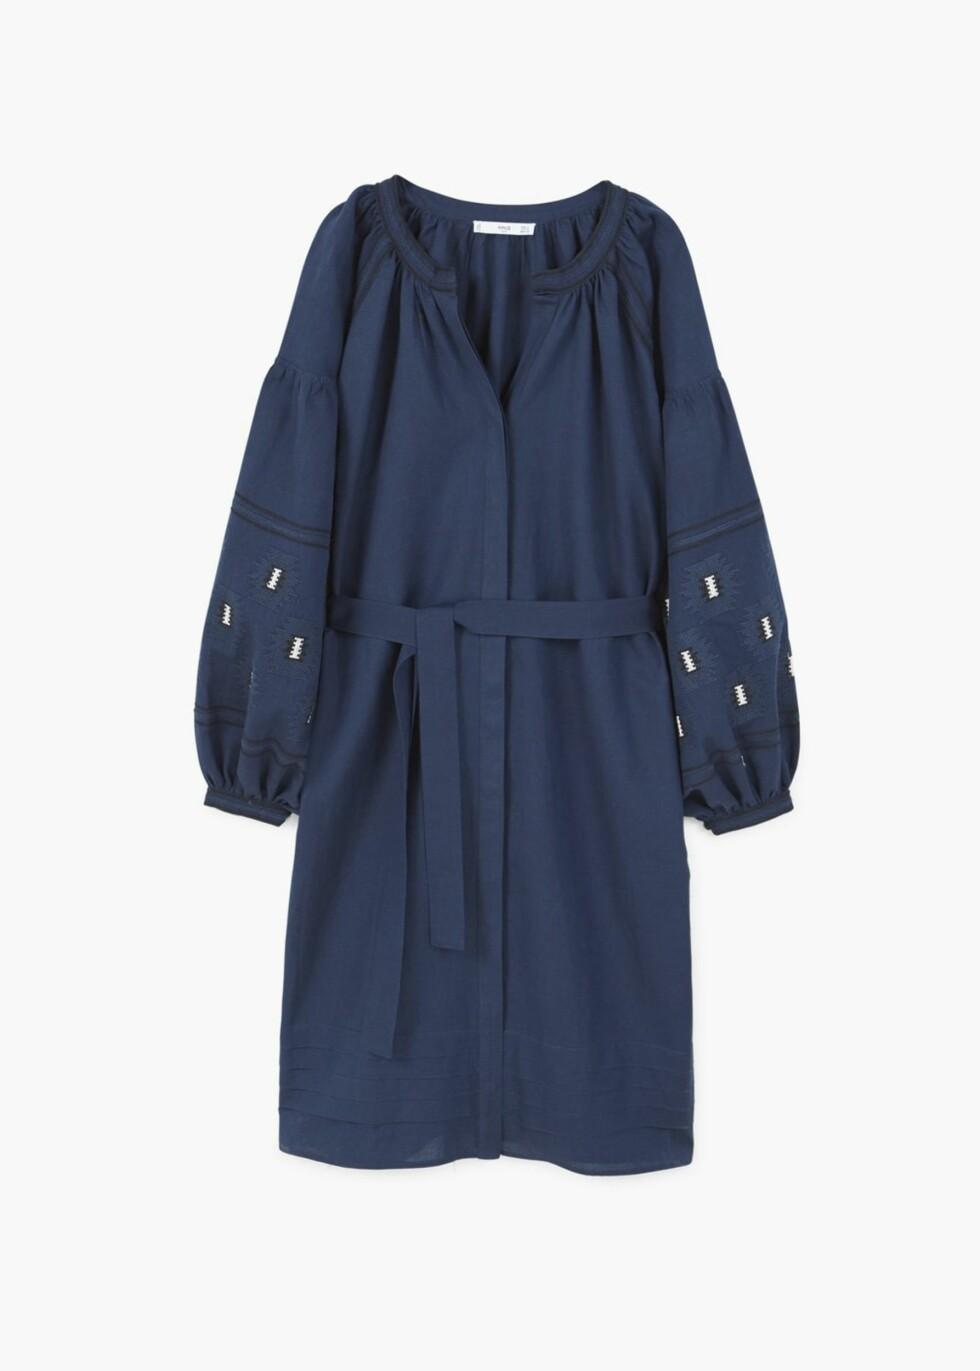 Kjole fra Mango   kr 899   http://shop.mango.com/NO/p1/damer/kl%C3%A6r/kjoler/midi/kjole-med-broderidetalj?id=83049018_69&n=1&s=prendas.vestidos&ts=1496925475215